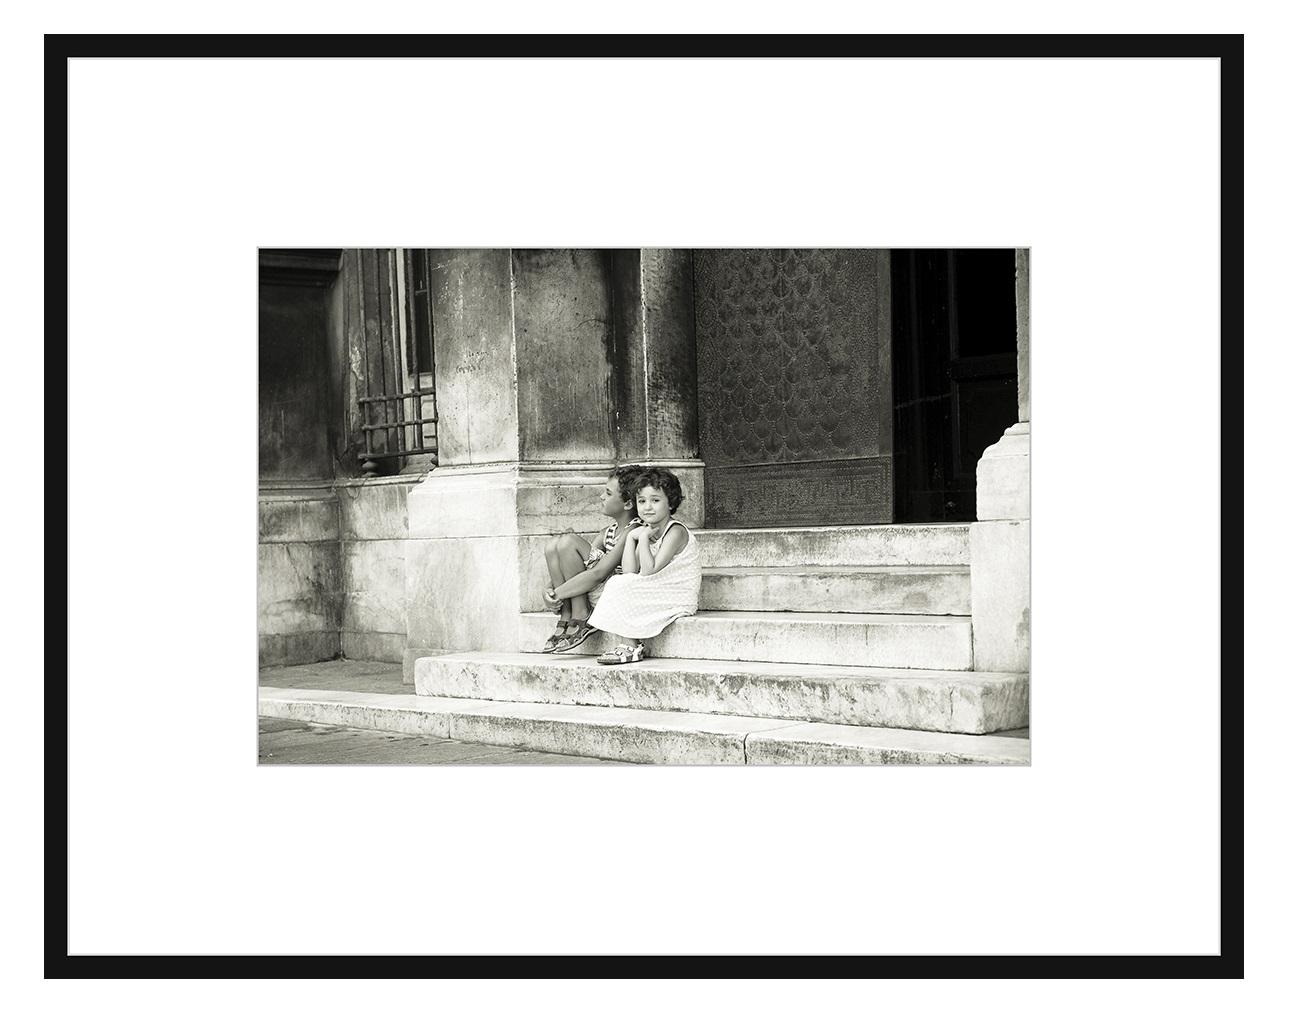 Авторская арт-фотография На ступенях церквиПостеры<br>Авторская фотография для интерьера, оформленная с галерейным качеством, в раме, с паспарту, под стеклом. Срок поставки — 3-5 рабочих дней с момента оформления заказа.